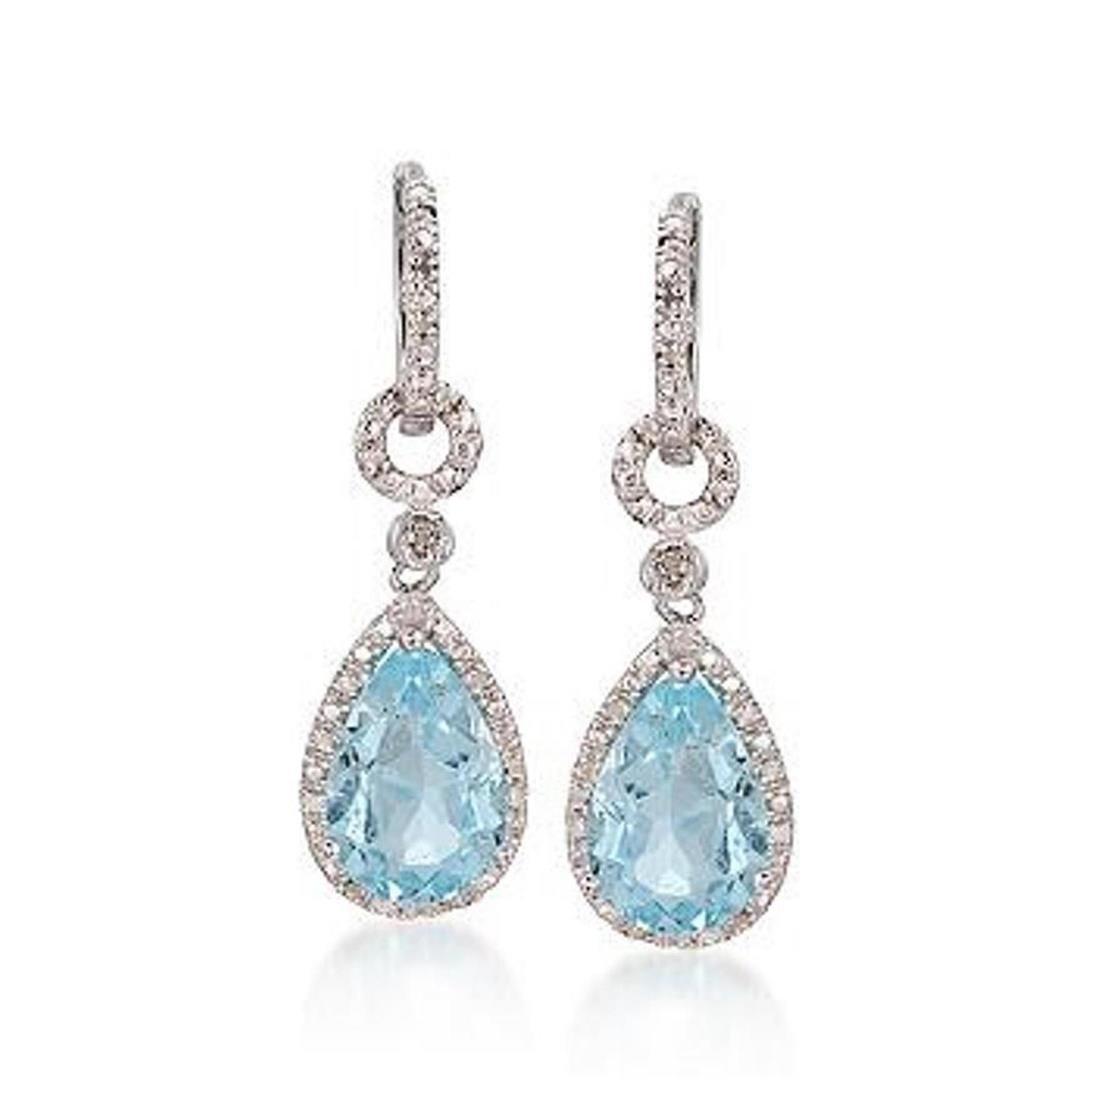 6.00 ct. t.w. Blue Topaz and Diamond Drop Earrings in